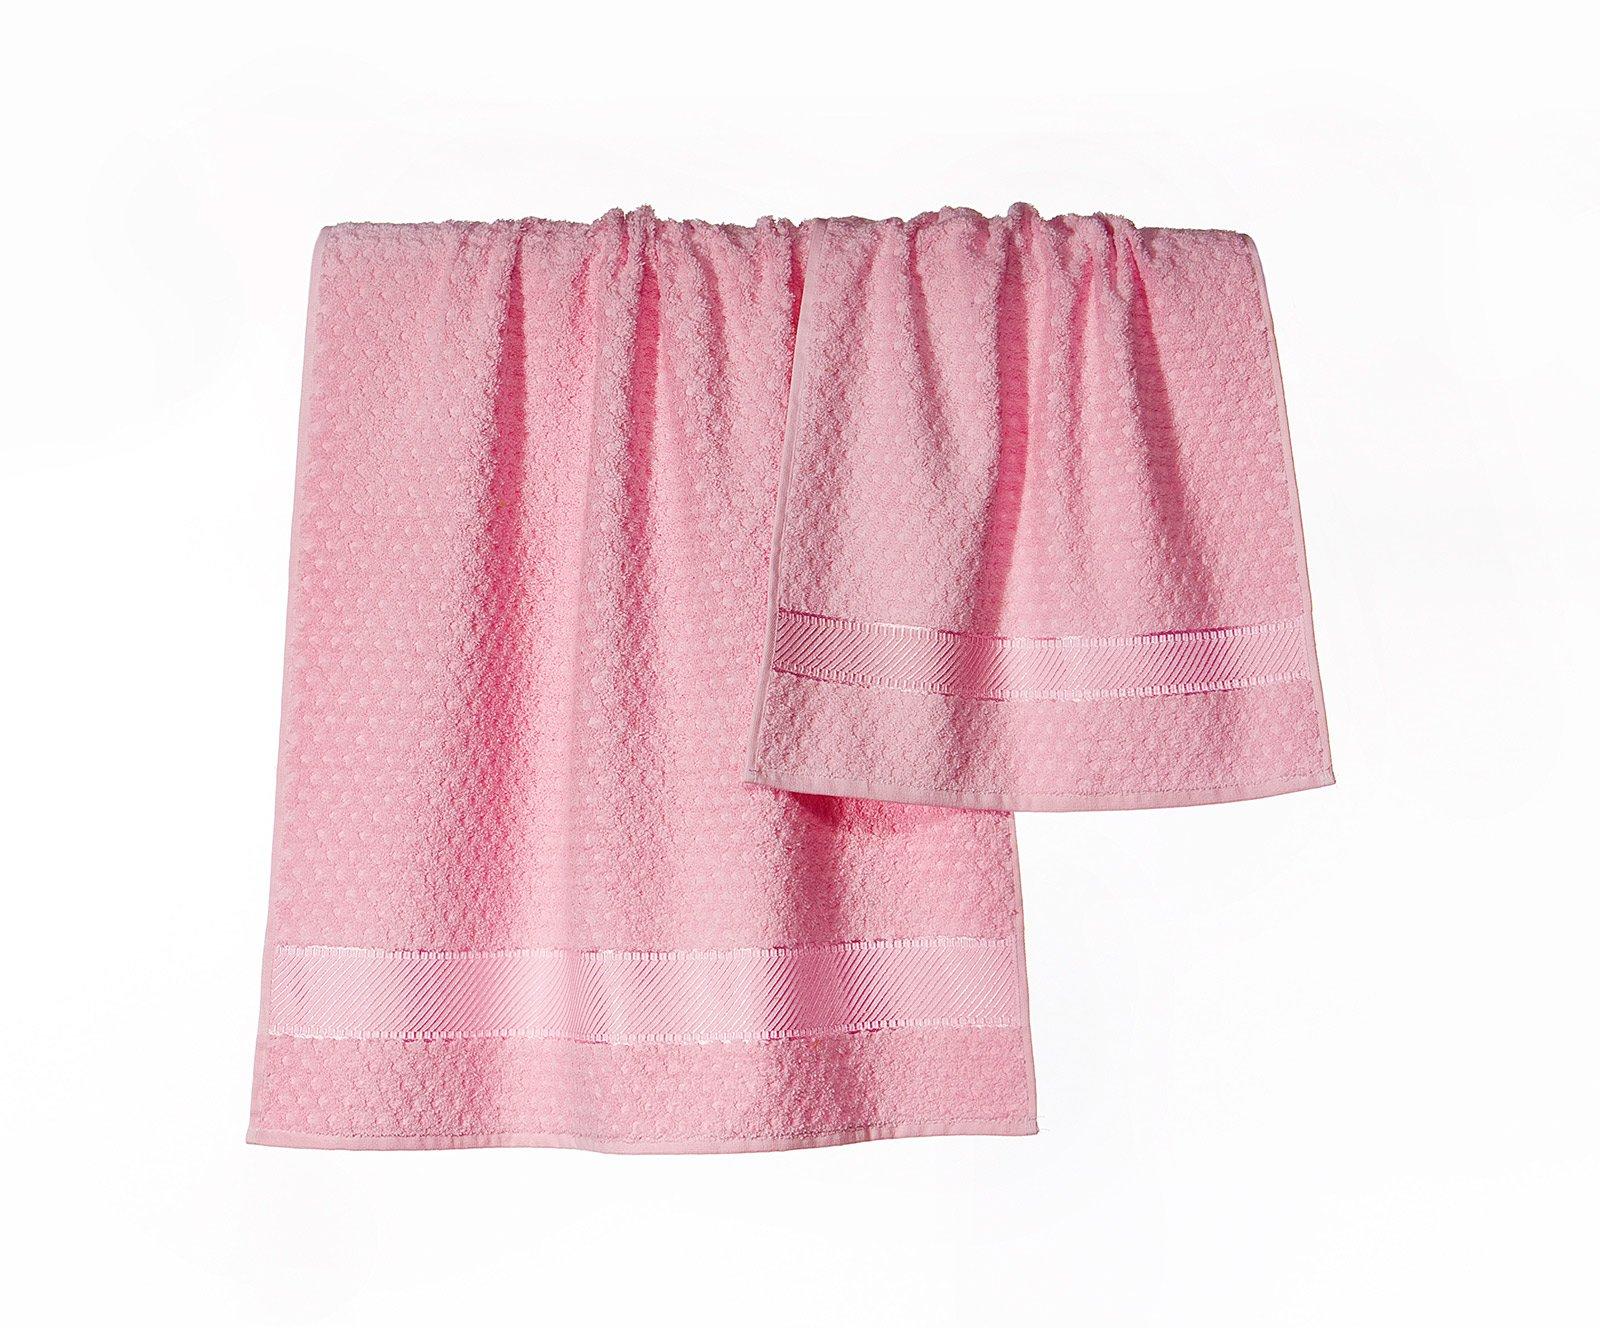 sono disponibili in una vastissima gamma di colori gli asciugamani sirena della collezione spugnissima di caleffi